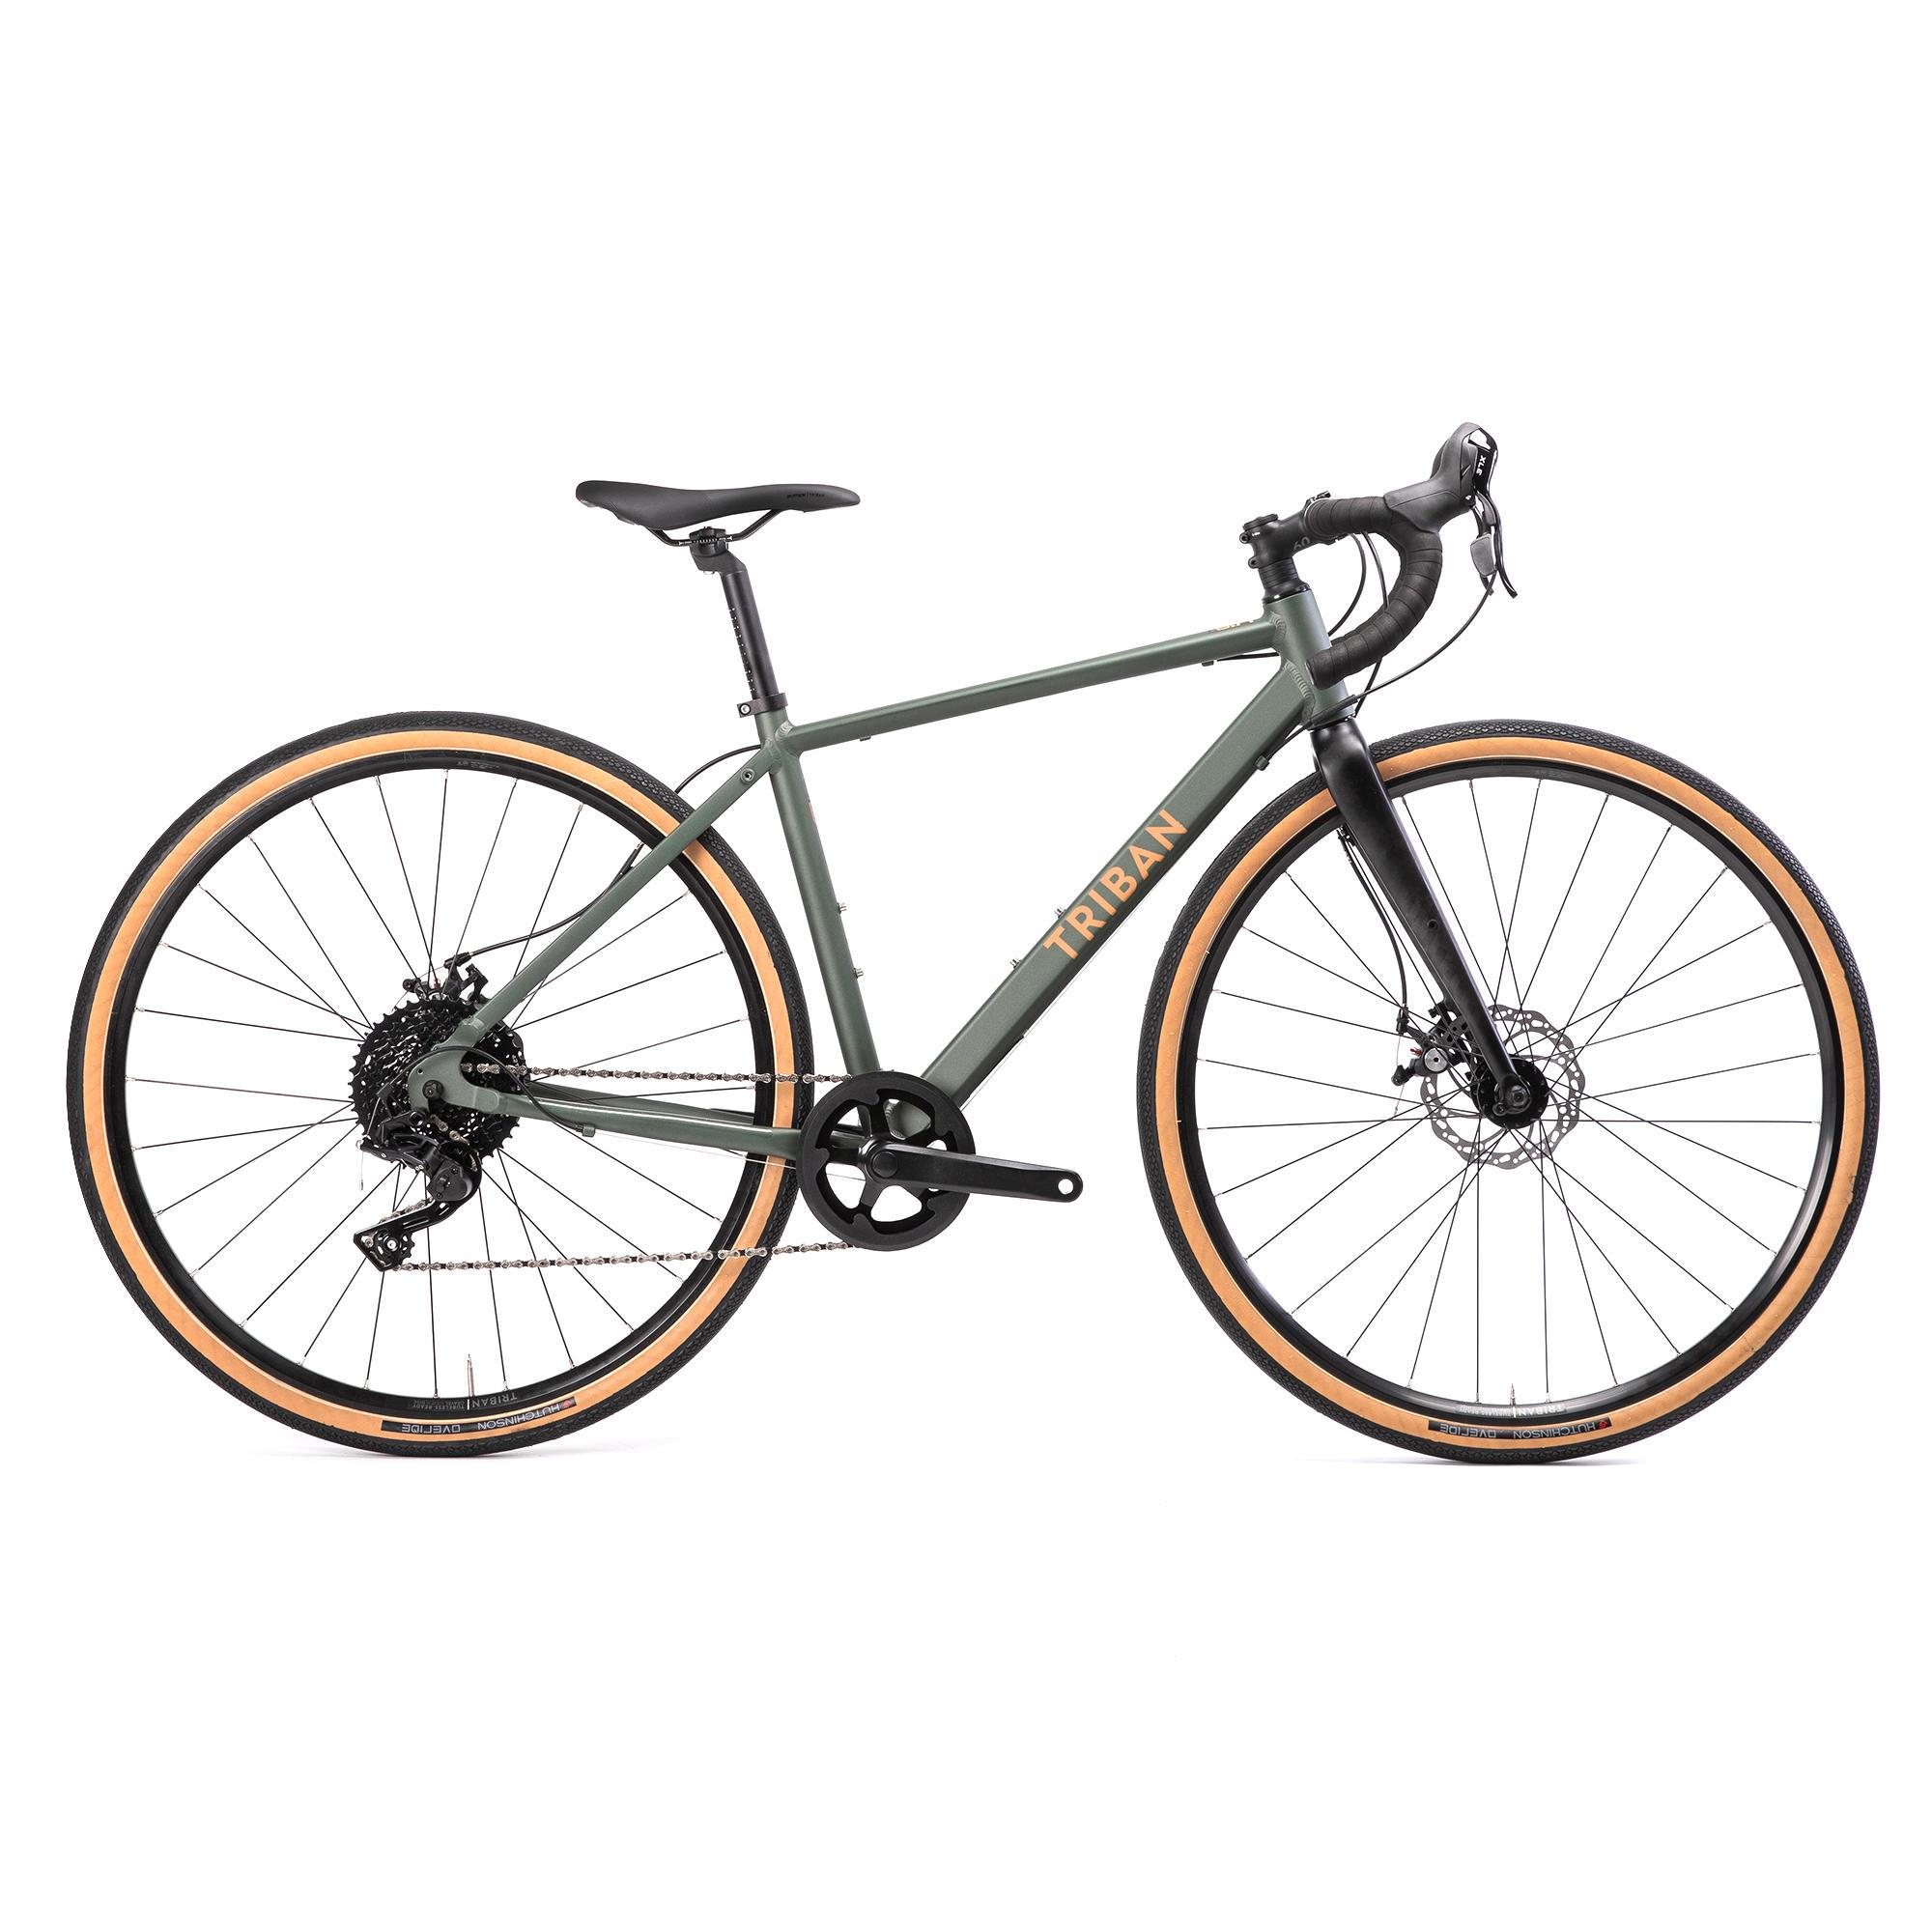 Bicicletă GRAVEL 120 Damă